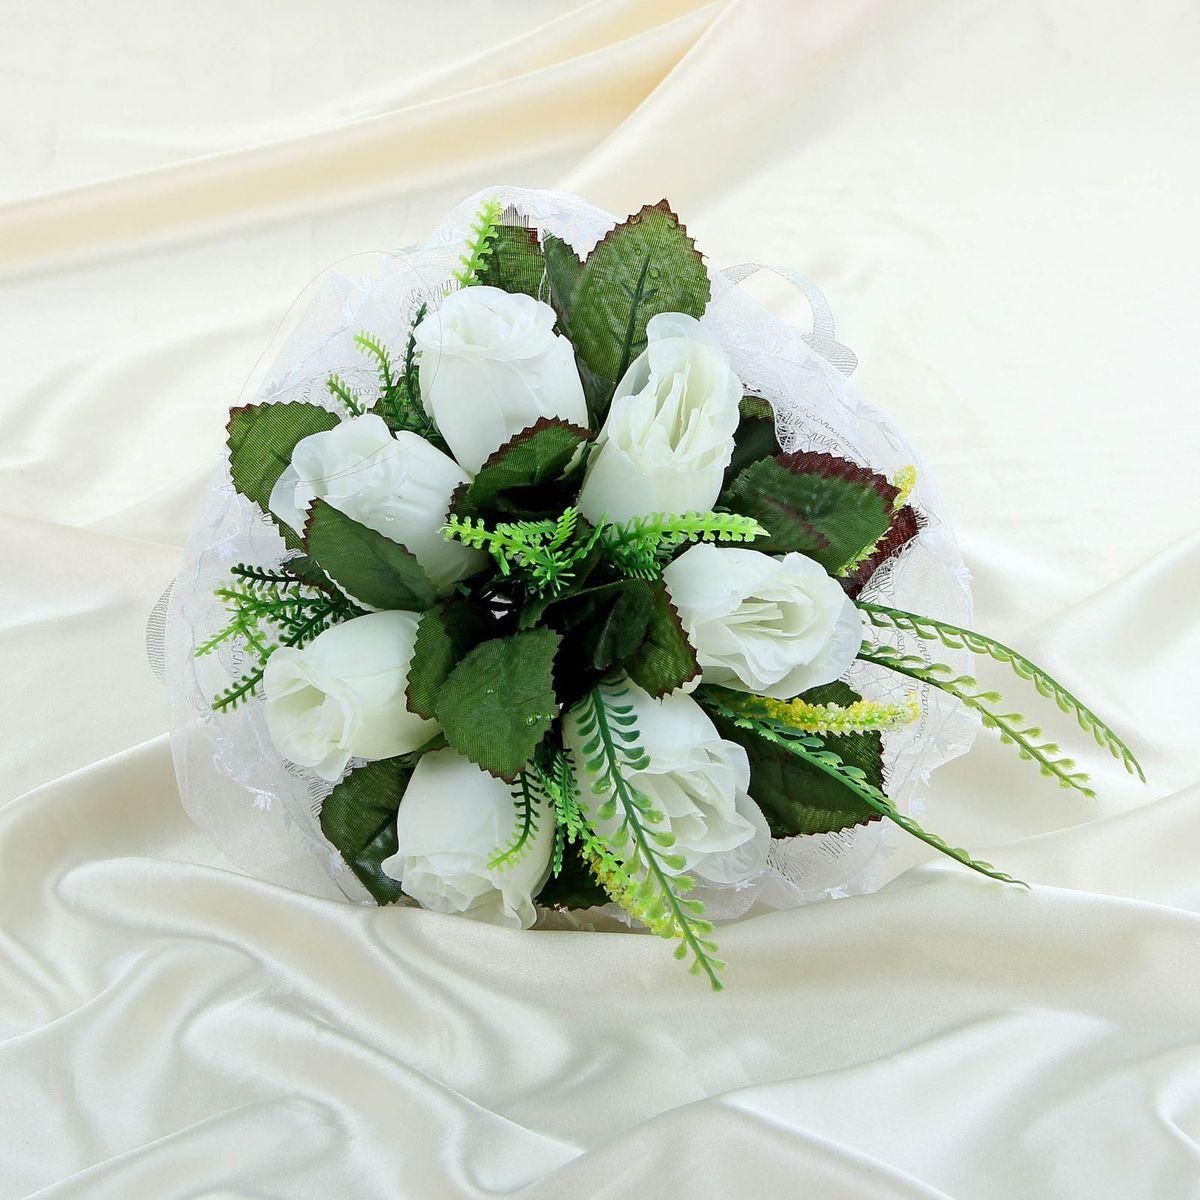 Букет-дублер Sima-land, цвет: белый. 11203221120322Традиция кидать букет невесты на свадьбе зародилась совсем недавно, но является одним из самых долгожданных моментов праздника. Для многих незамужних подружек – поймать букет на свадьбе – шанс осуществления заветной мечты. Современные невесты всё чаще используют для этого ритуала бутафорские букеты из искусственных материалов. Они легче, дешевле и точно не смогут рассыпаться в полете.